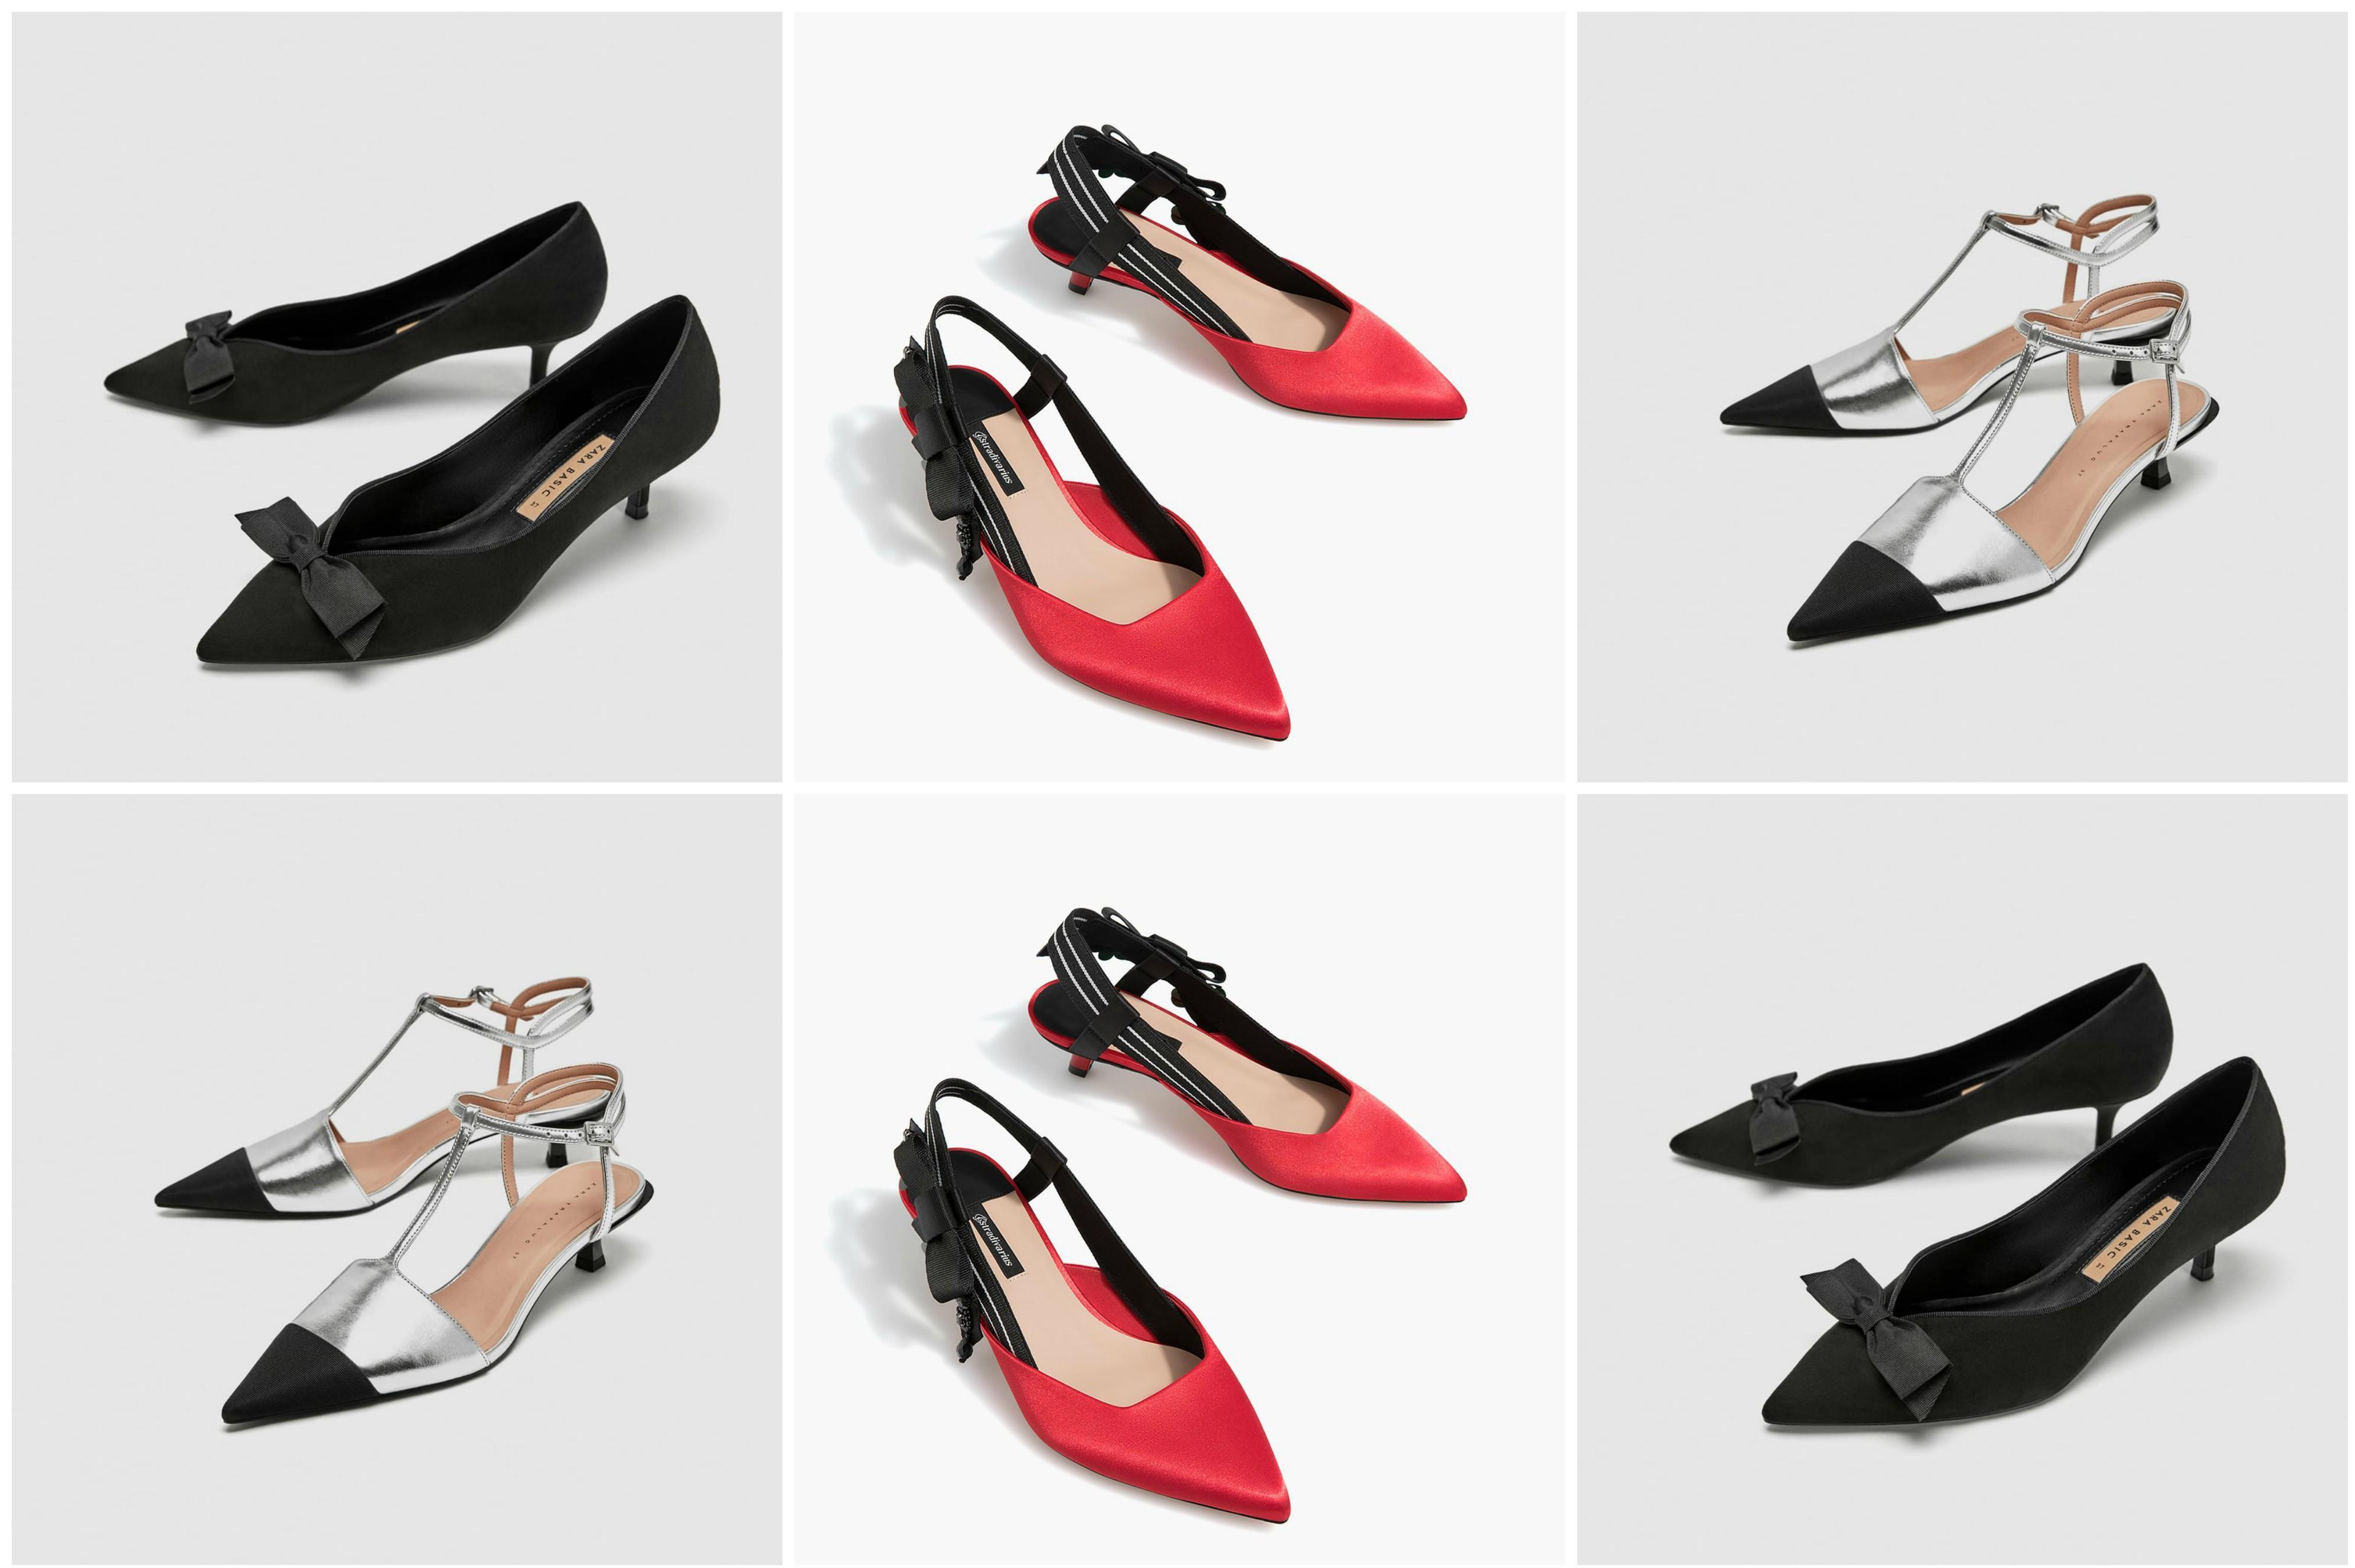 Nose se salonke s potpeticama u kojima ćete moći provesti baš cijeli dan!